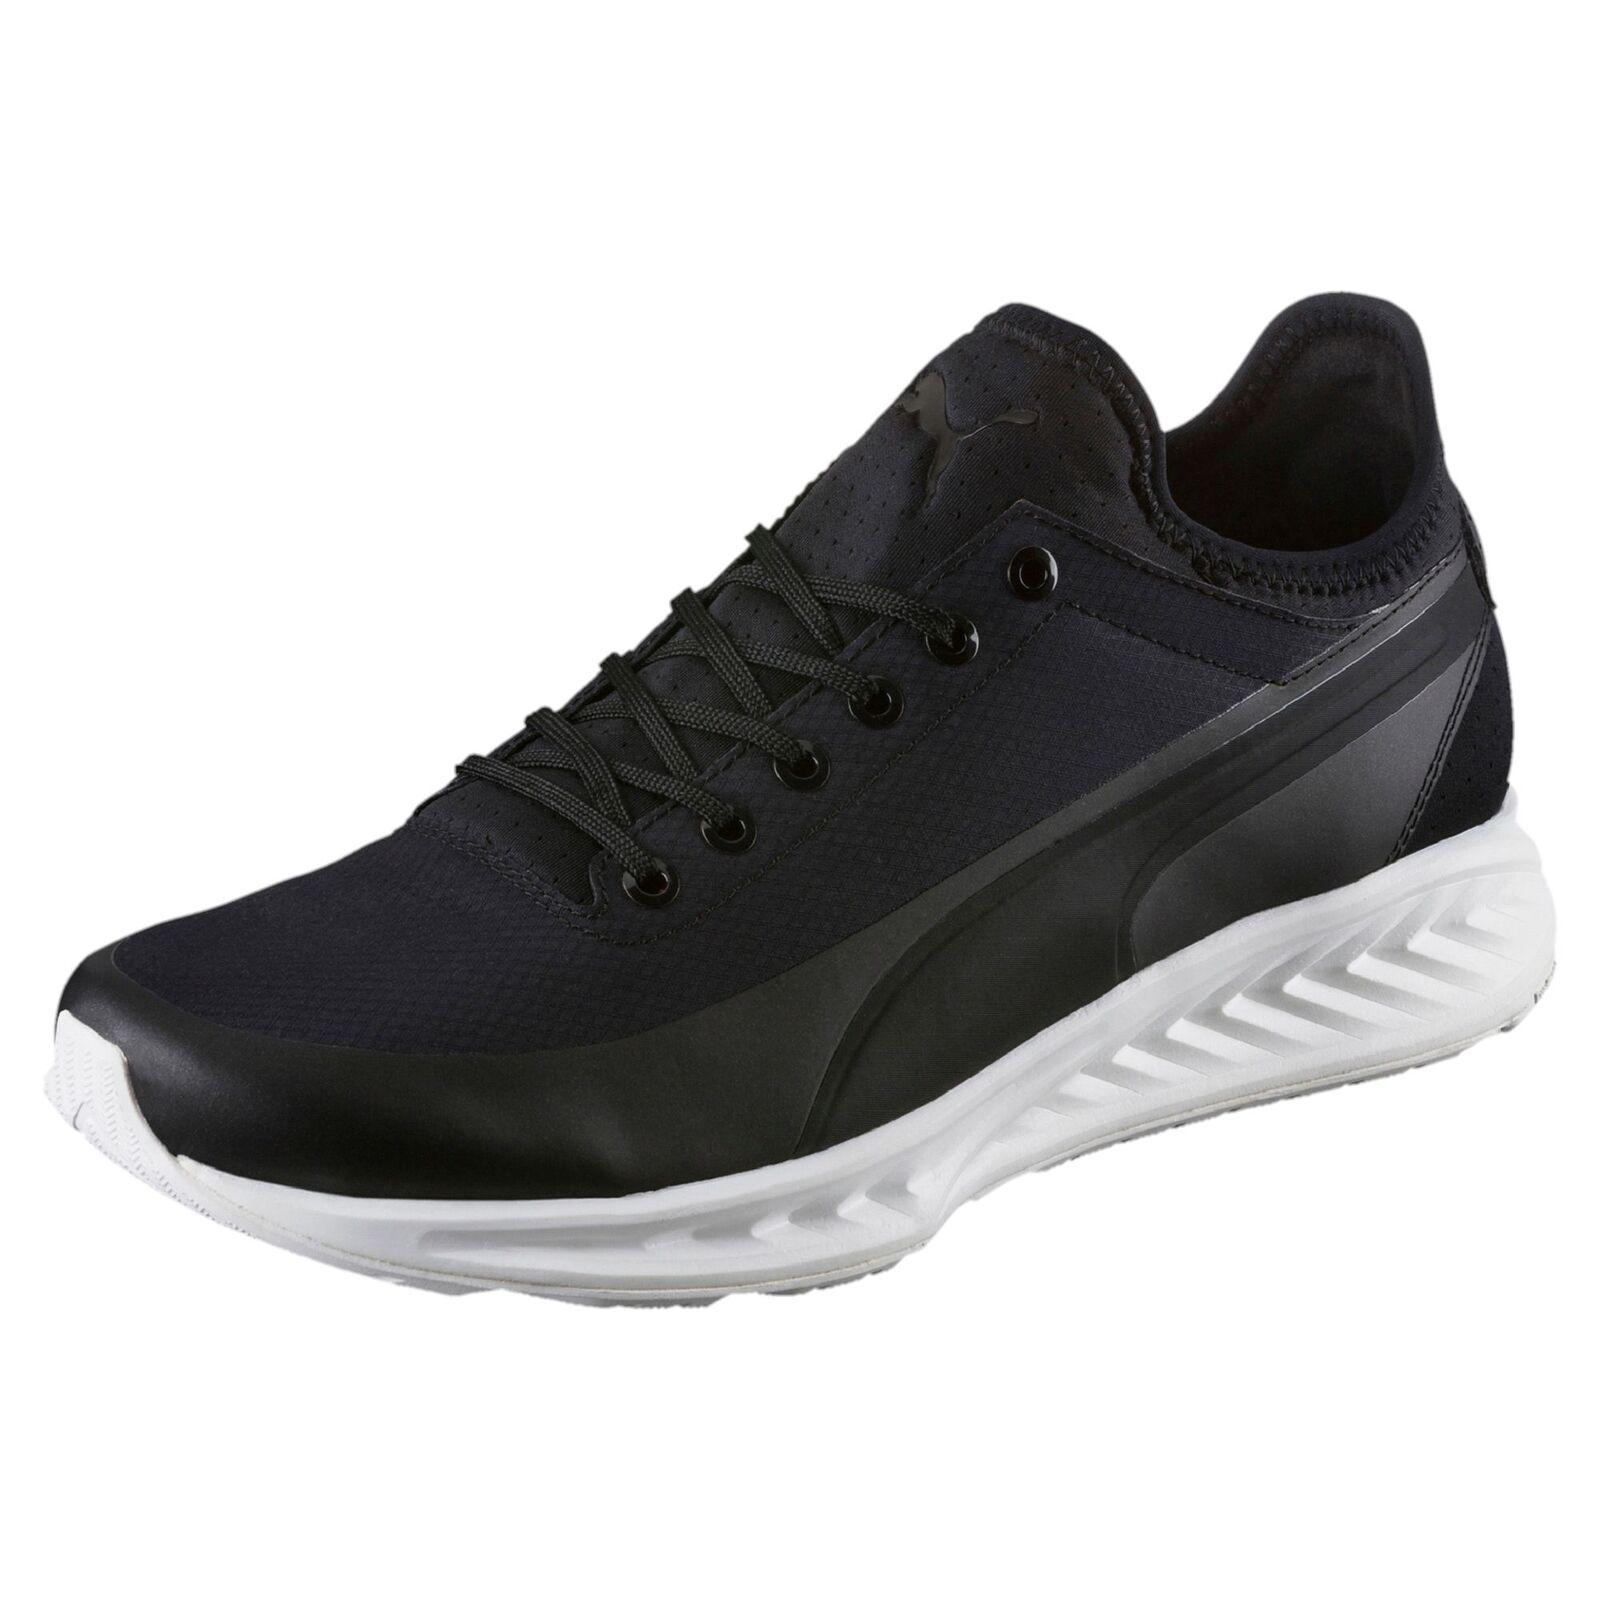 PUMA IGNITE Sock Plus Sneaker Schuhe Männer Neu